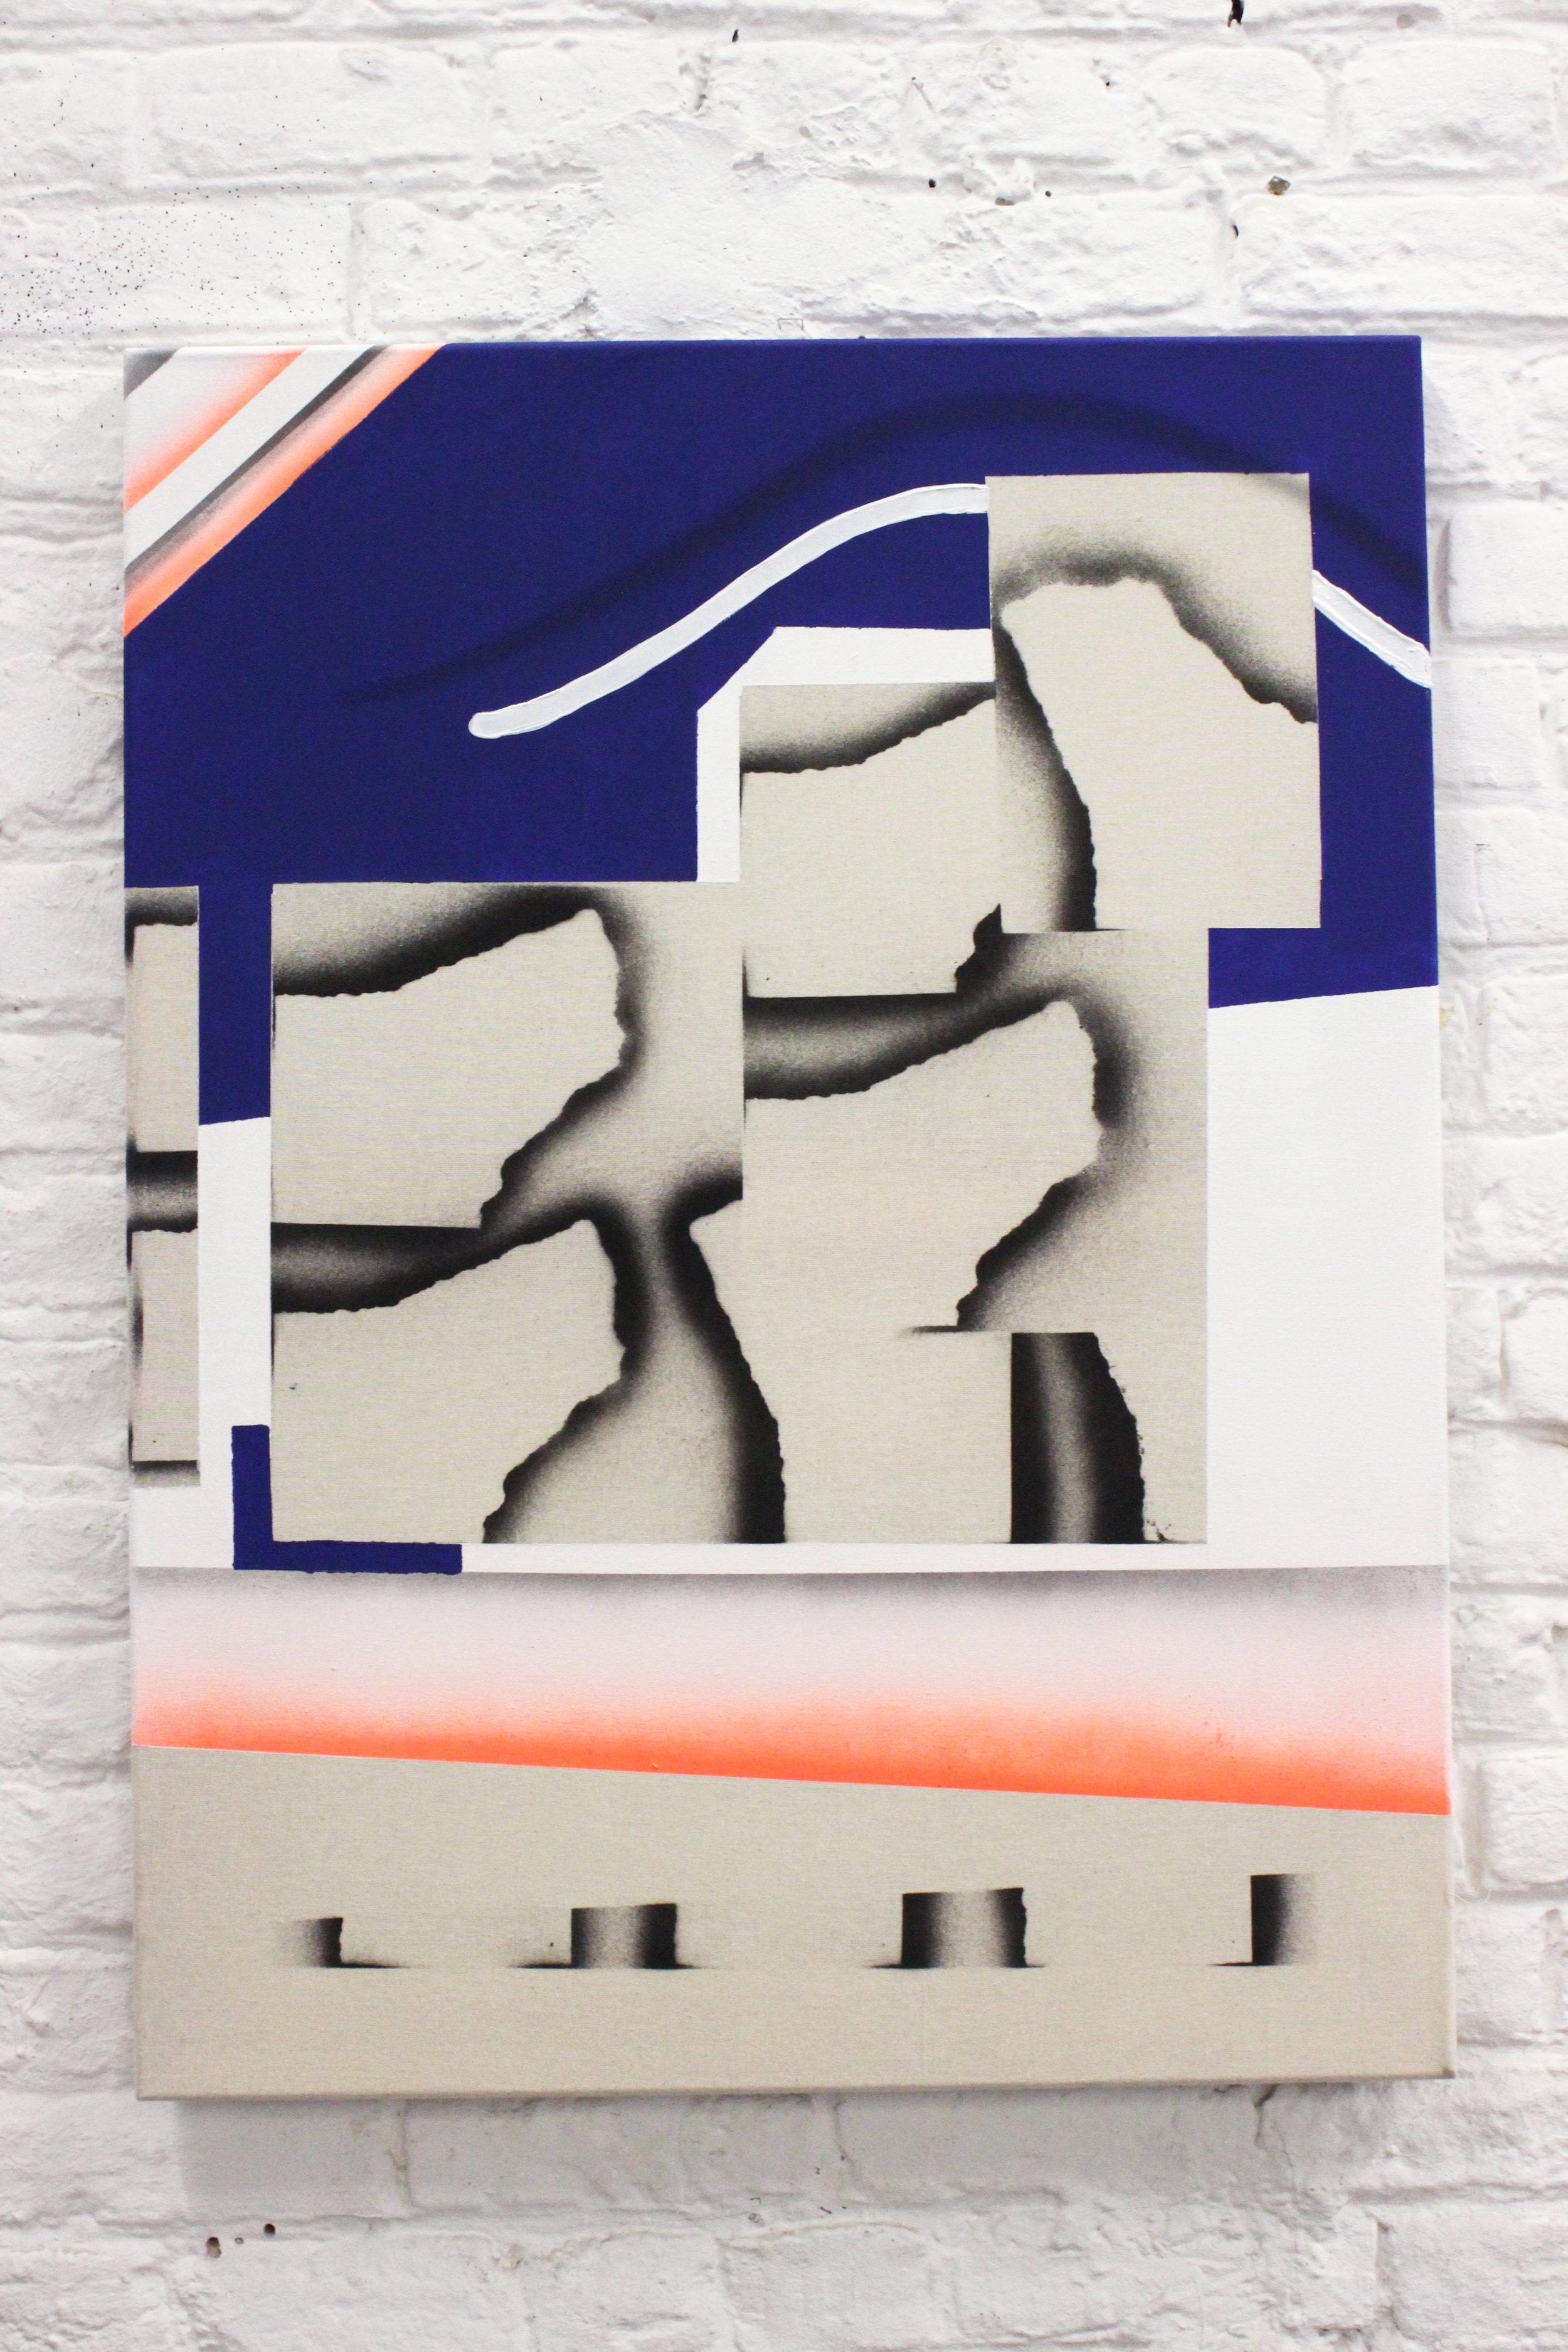 Untitled 13 - Acrylic, oil & spray on canvas - 60 x 80 cm - 2018